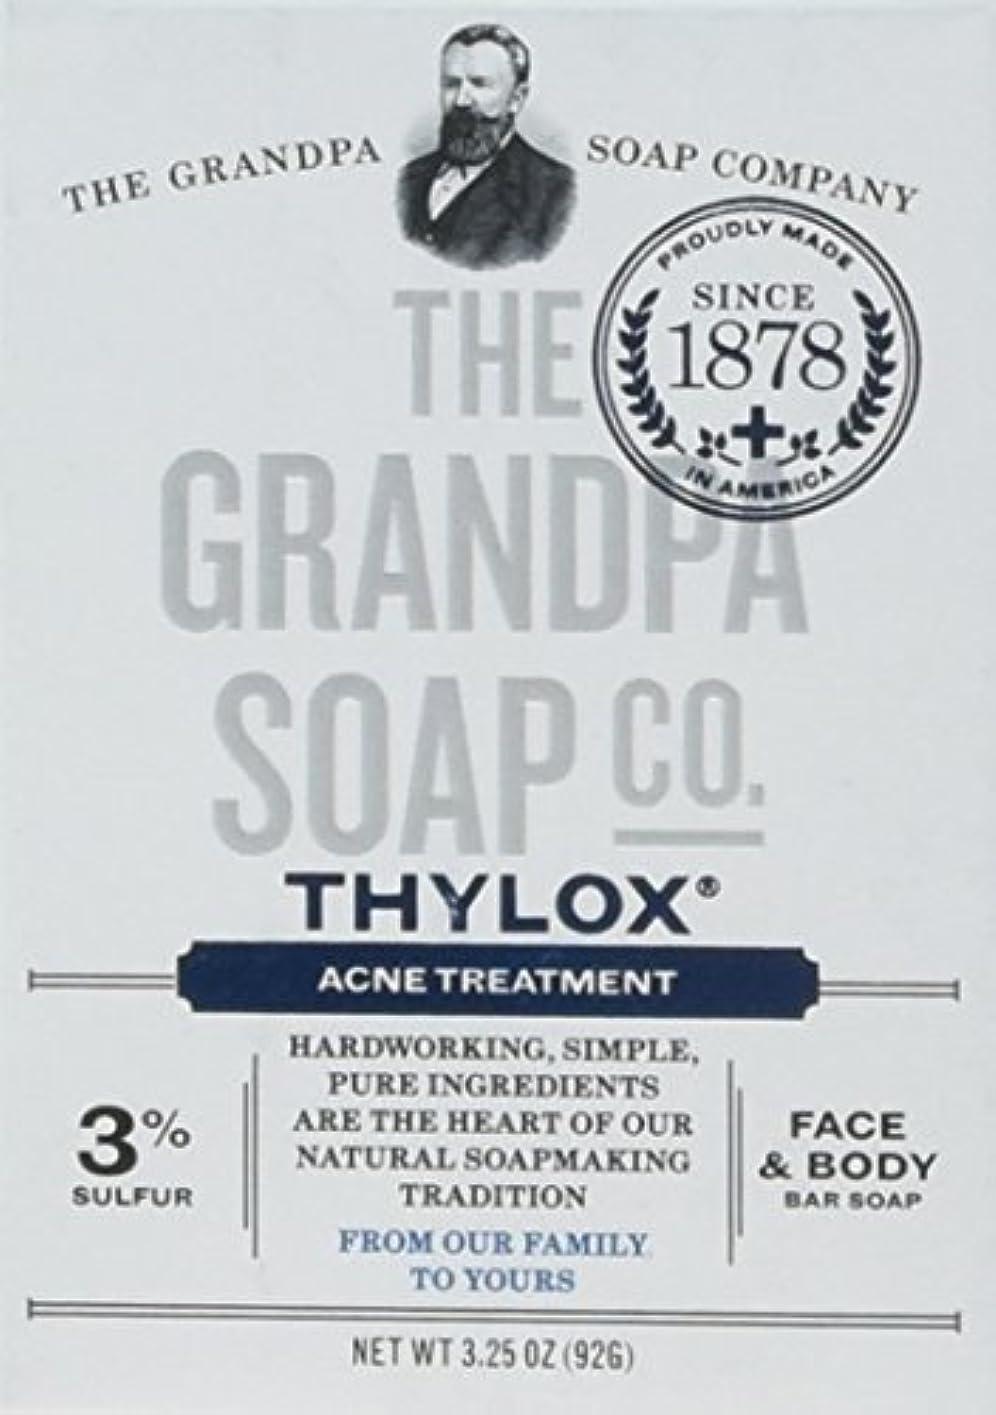 星モンスター扇動The Grandpa Soap Company おじいちゃんのSOAP、THYLOXにきびTRTMNT、3.25 OZ、6パック